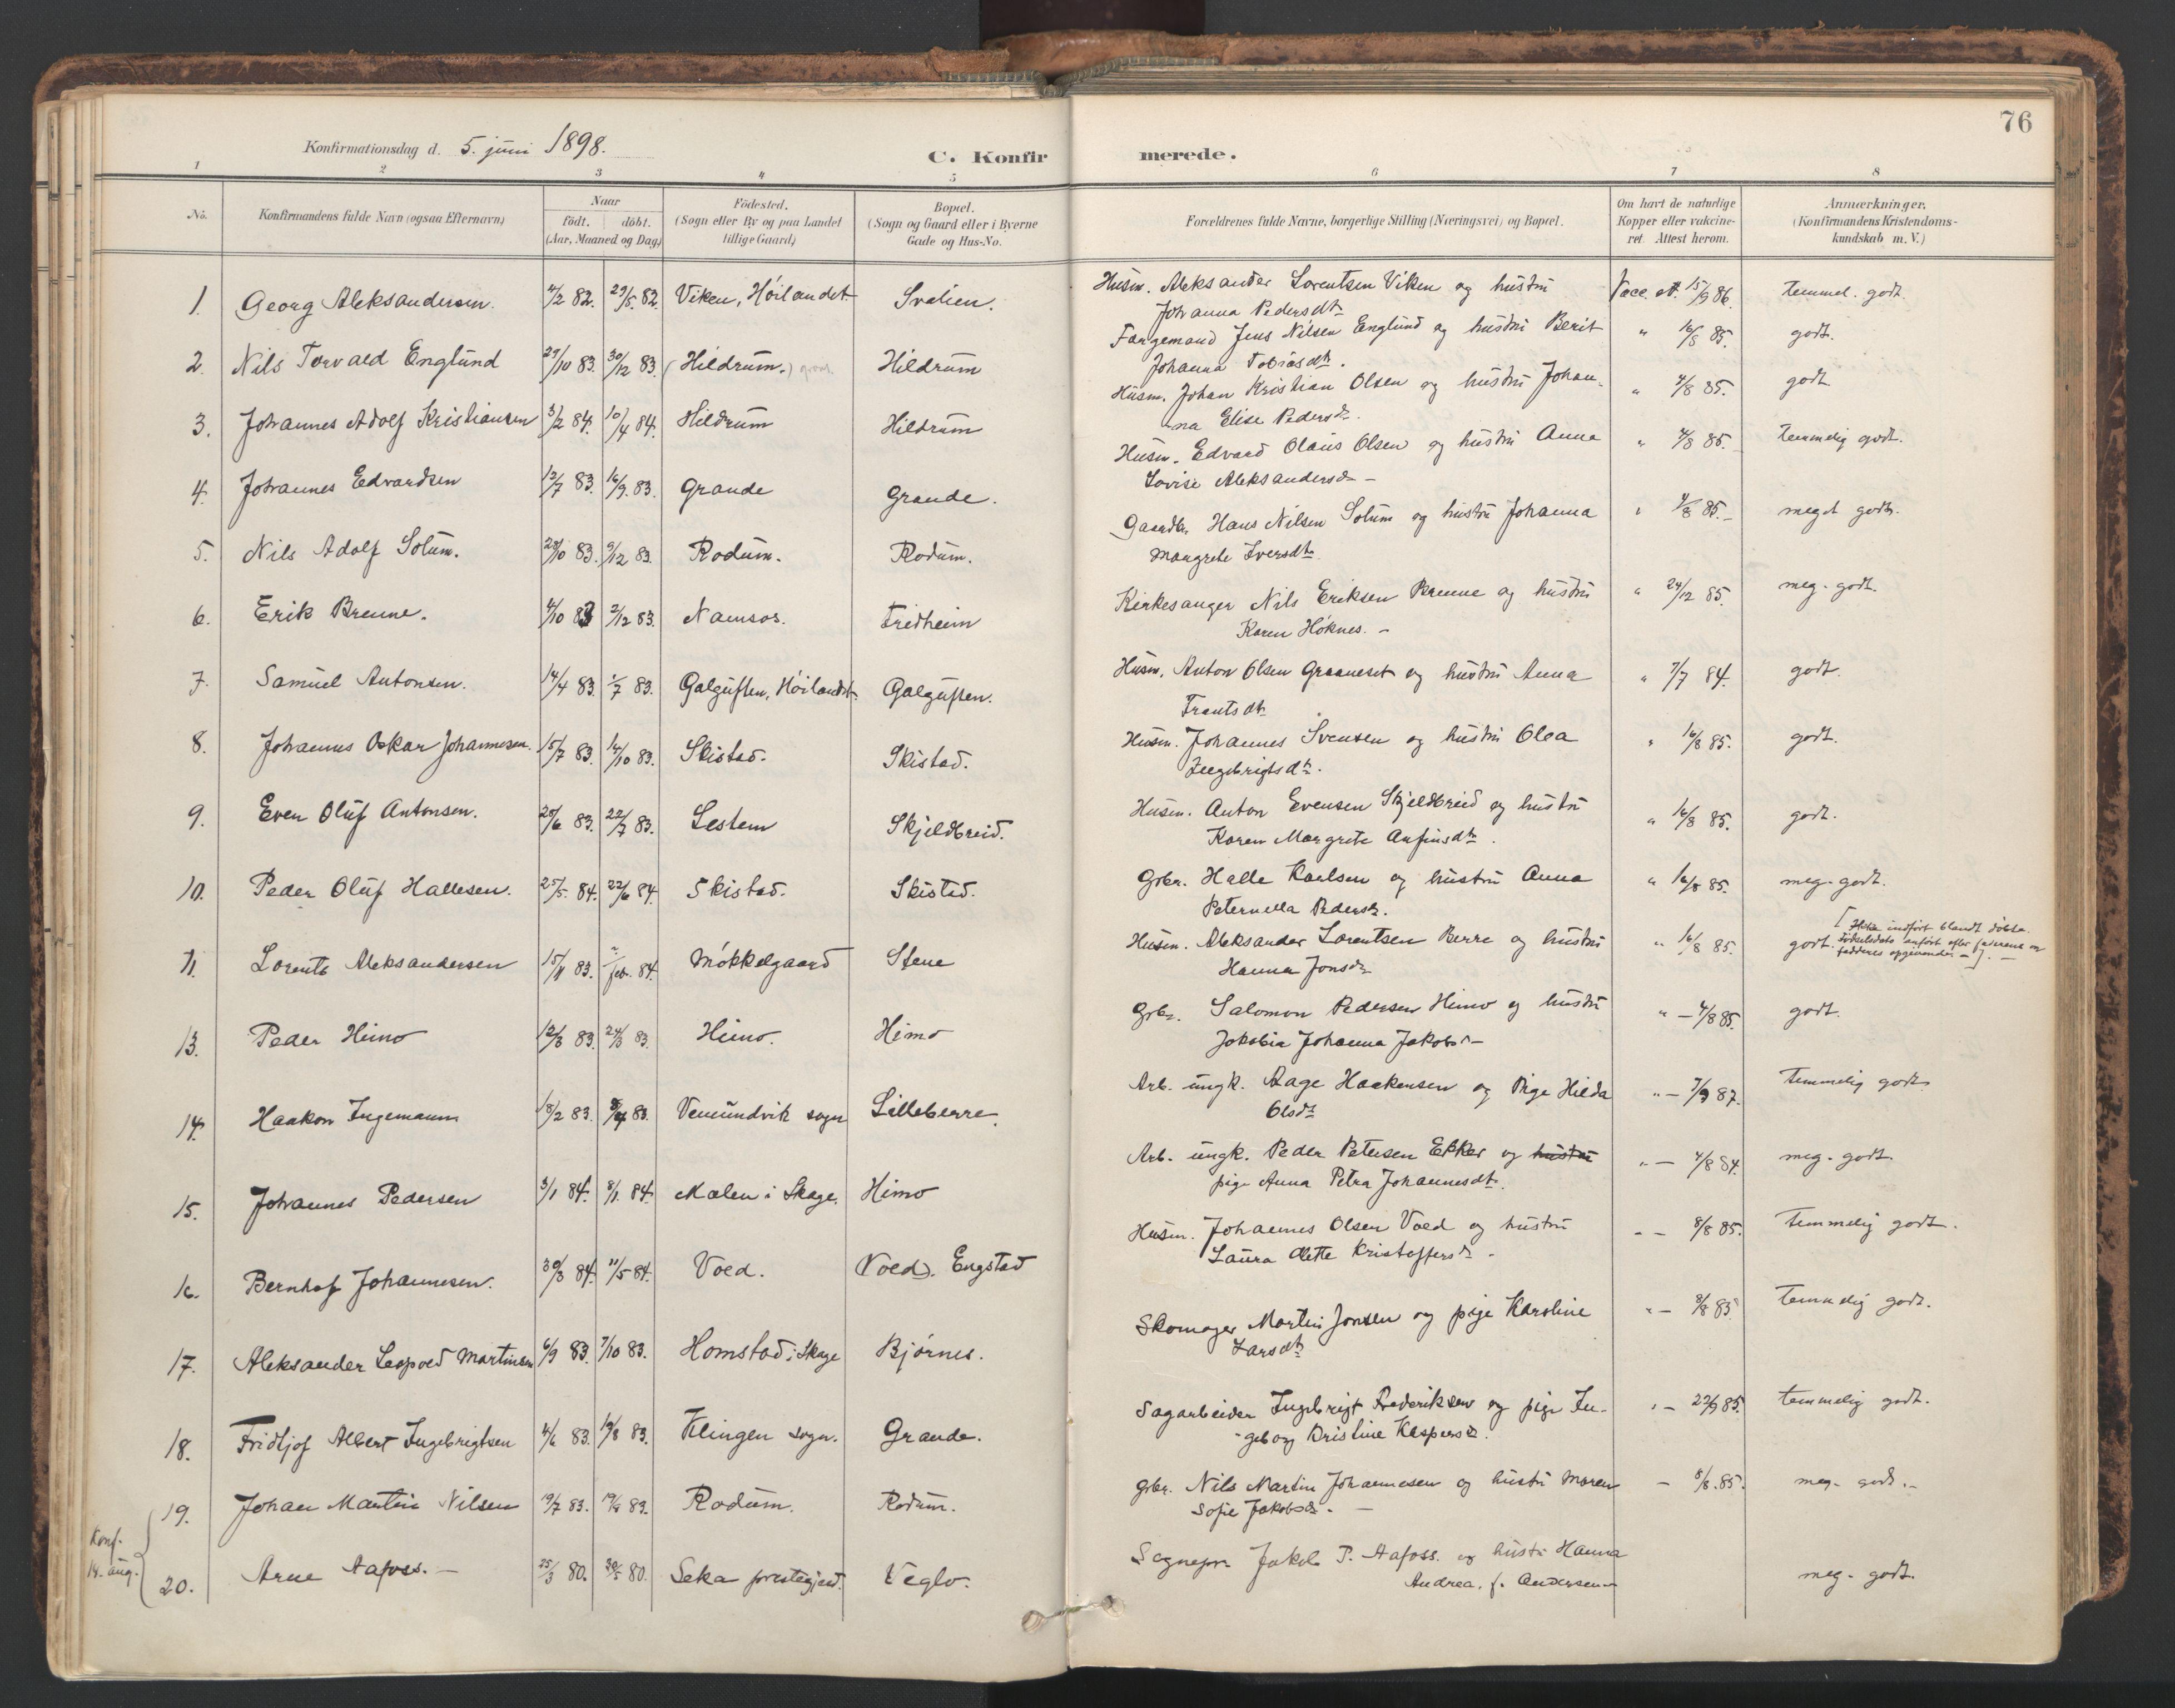 SAT, Ministerialprotokoller, klokkerbøker og fødselsregistre - Nord-Trøndelag, 764/L0556: Ministerialbok nr. 764A11, 1897-1924, s. 76